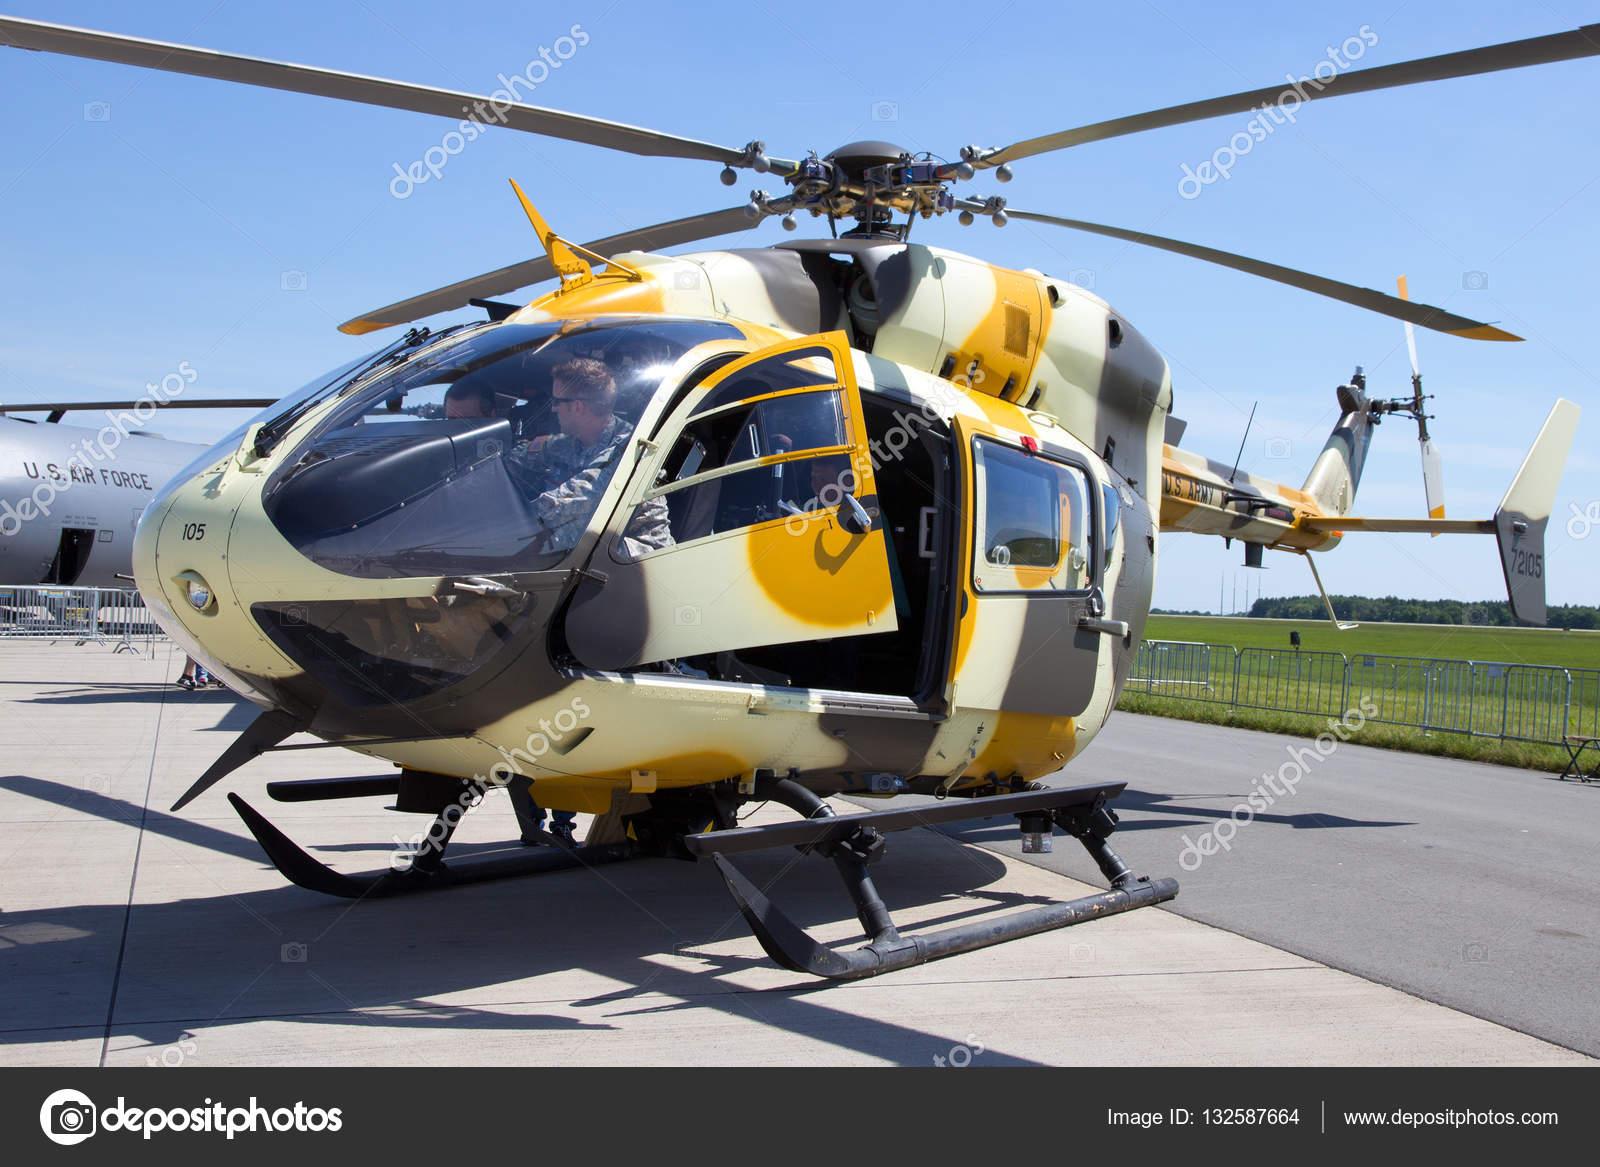 Elicottero 355 : As immagini as fotos stock alamy